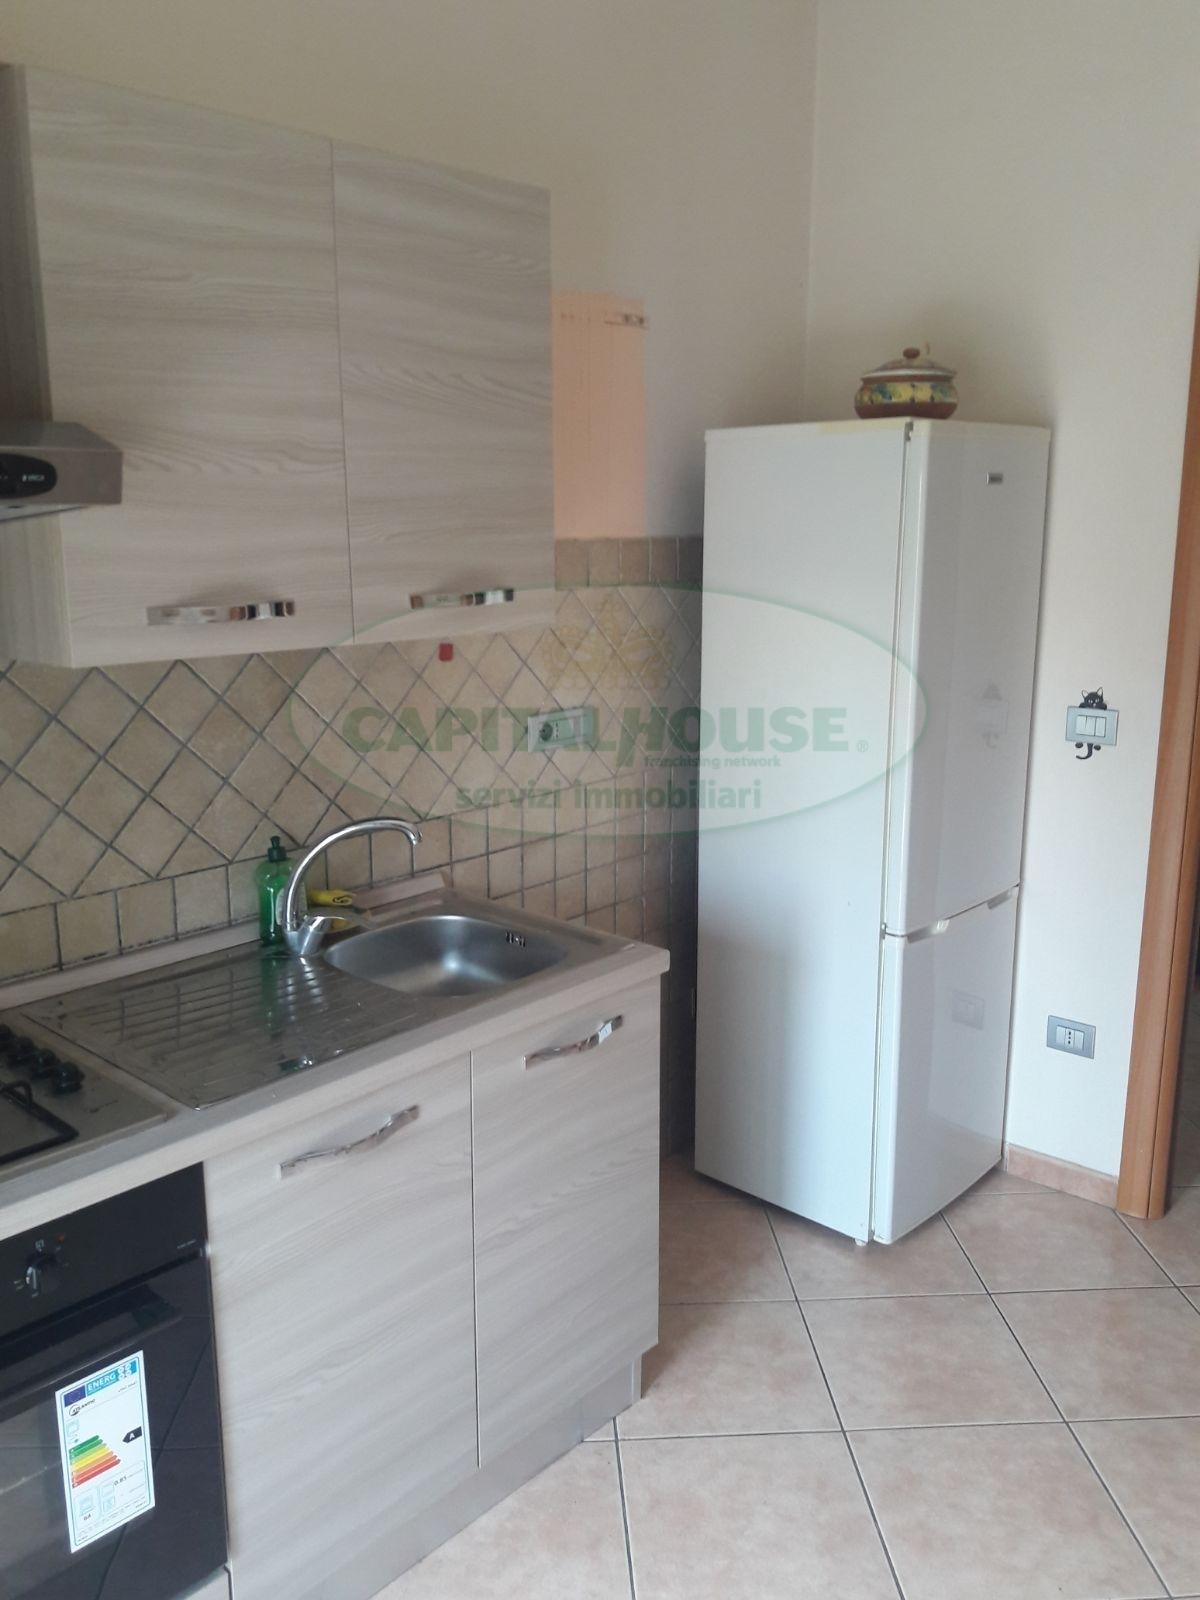 475ag appartamento in affitto a caserta acquaviva for Affitto caserta arredato